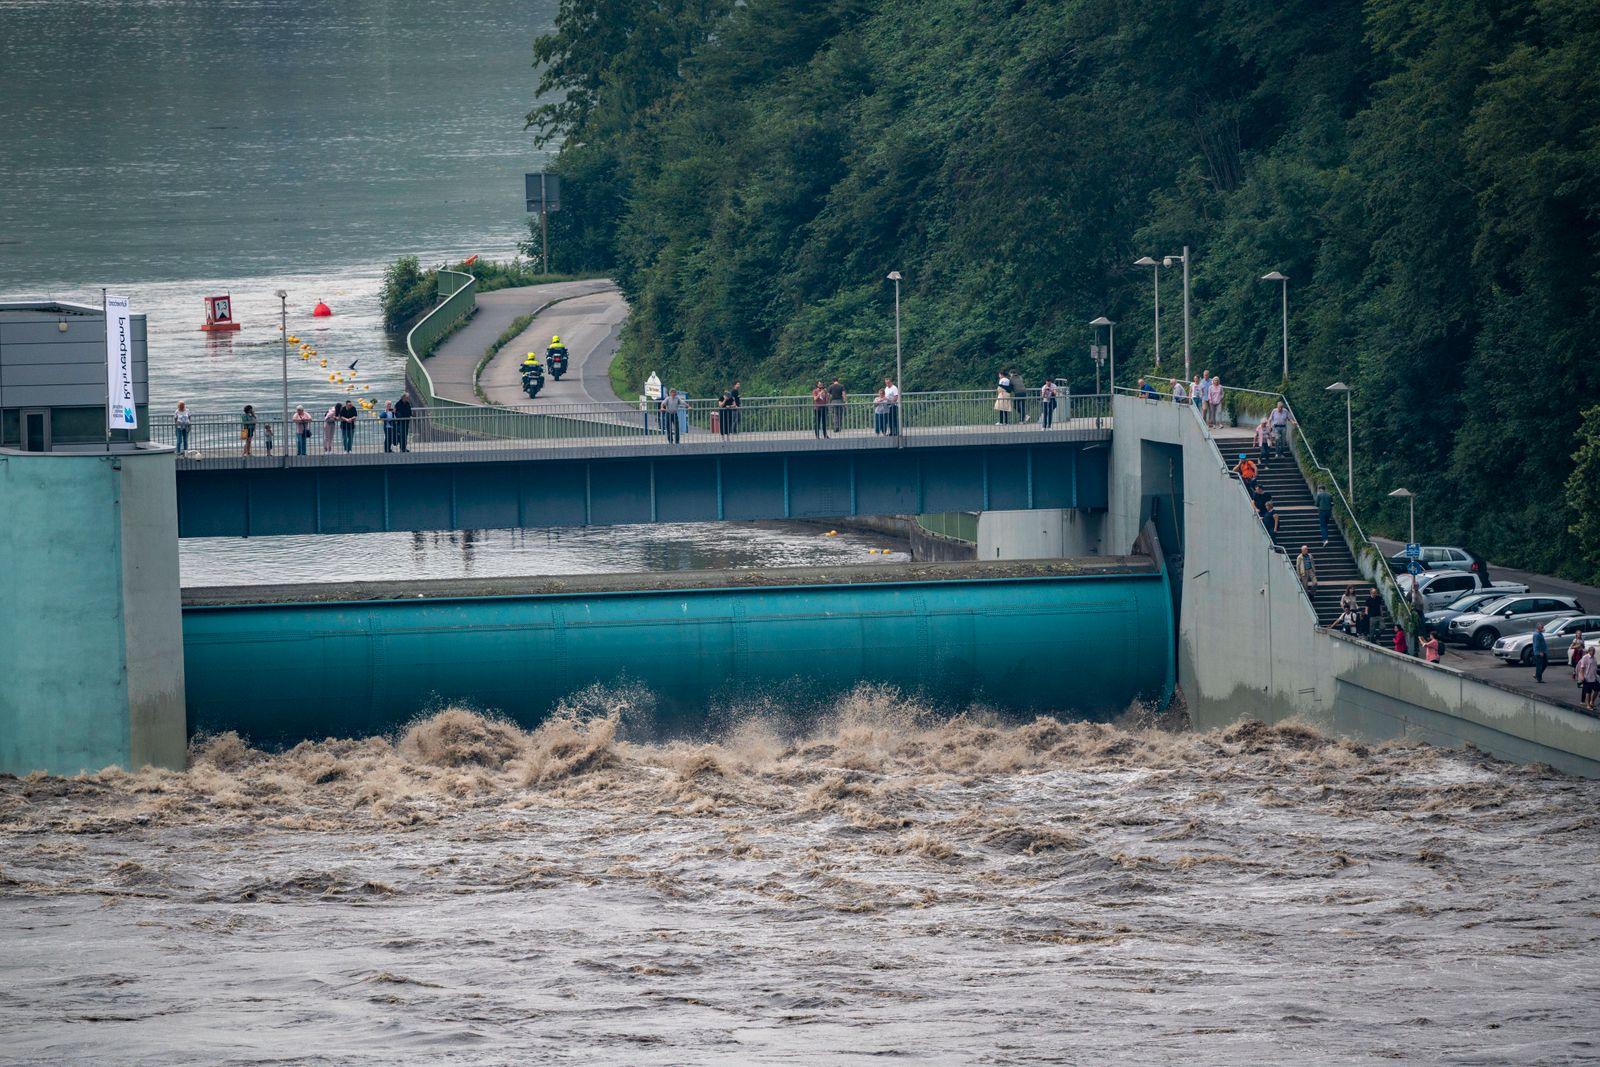 Wehr des Baldeneysee in Essen, die Wassermassen tosen durch die geöffneten Stauwehre, Hochwasser an der Ruhr, nach lang